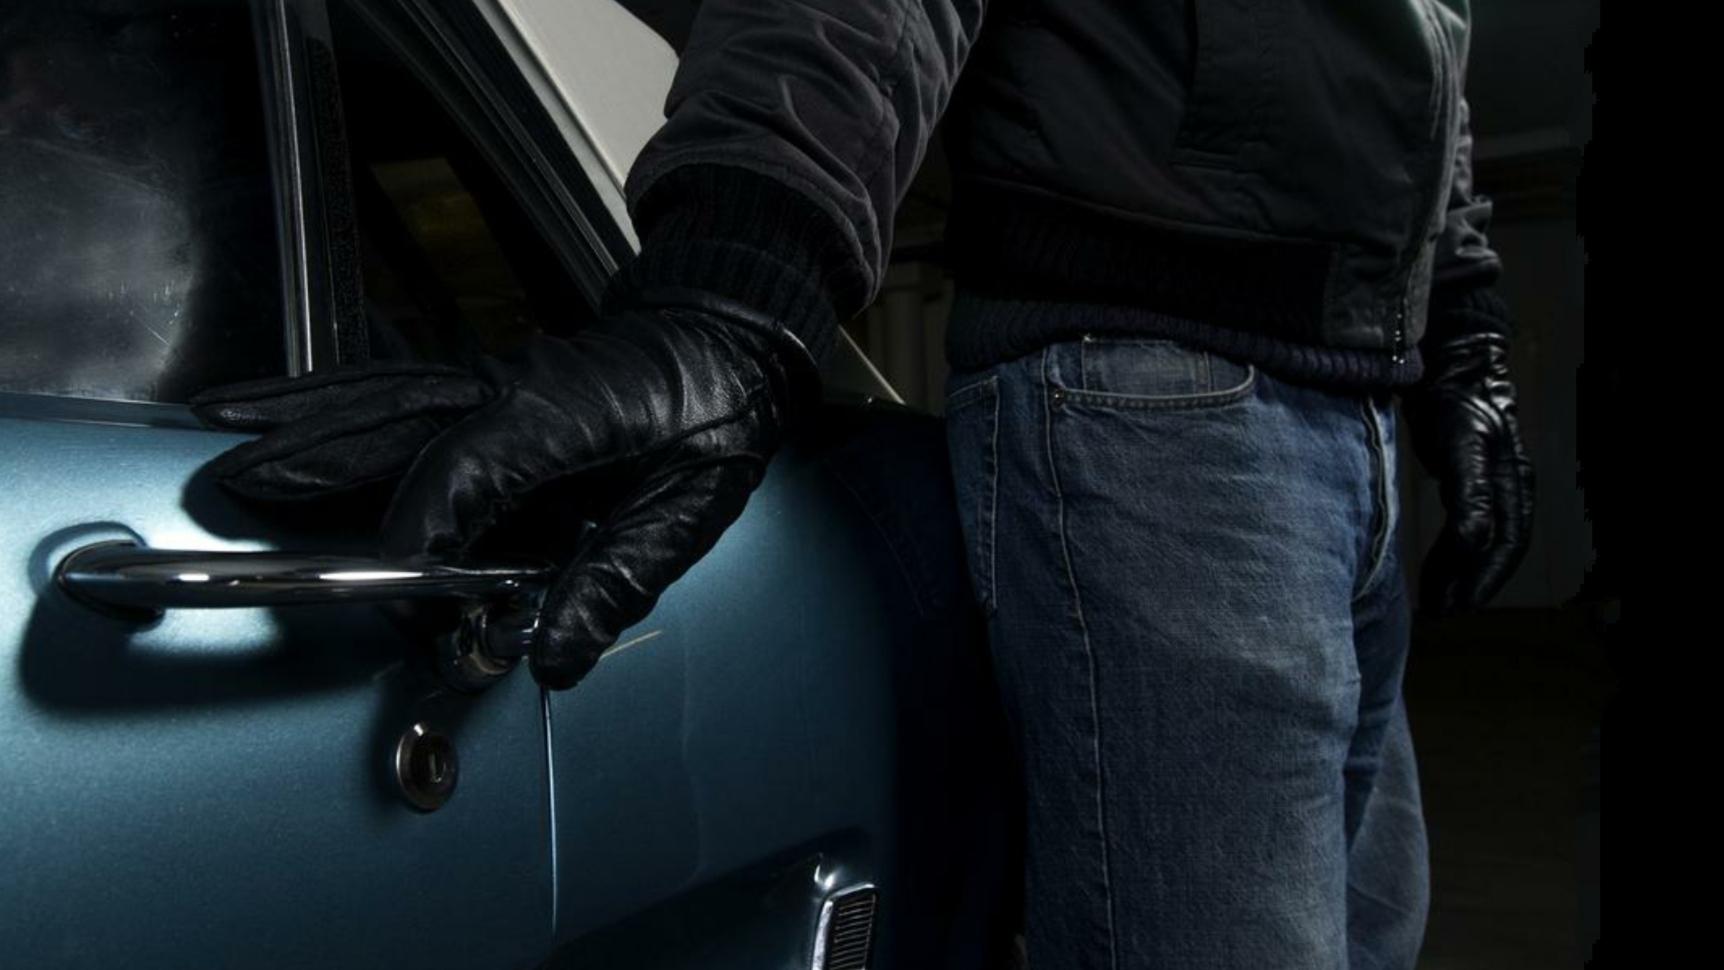 Un băcăuan, acuzat că a furat mașina și banii unor cunoștințe din Germania și a fugit în țară